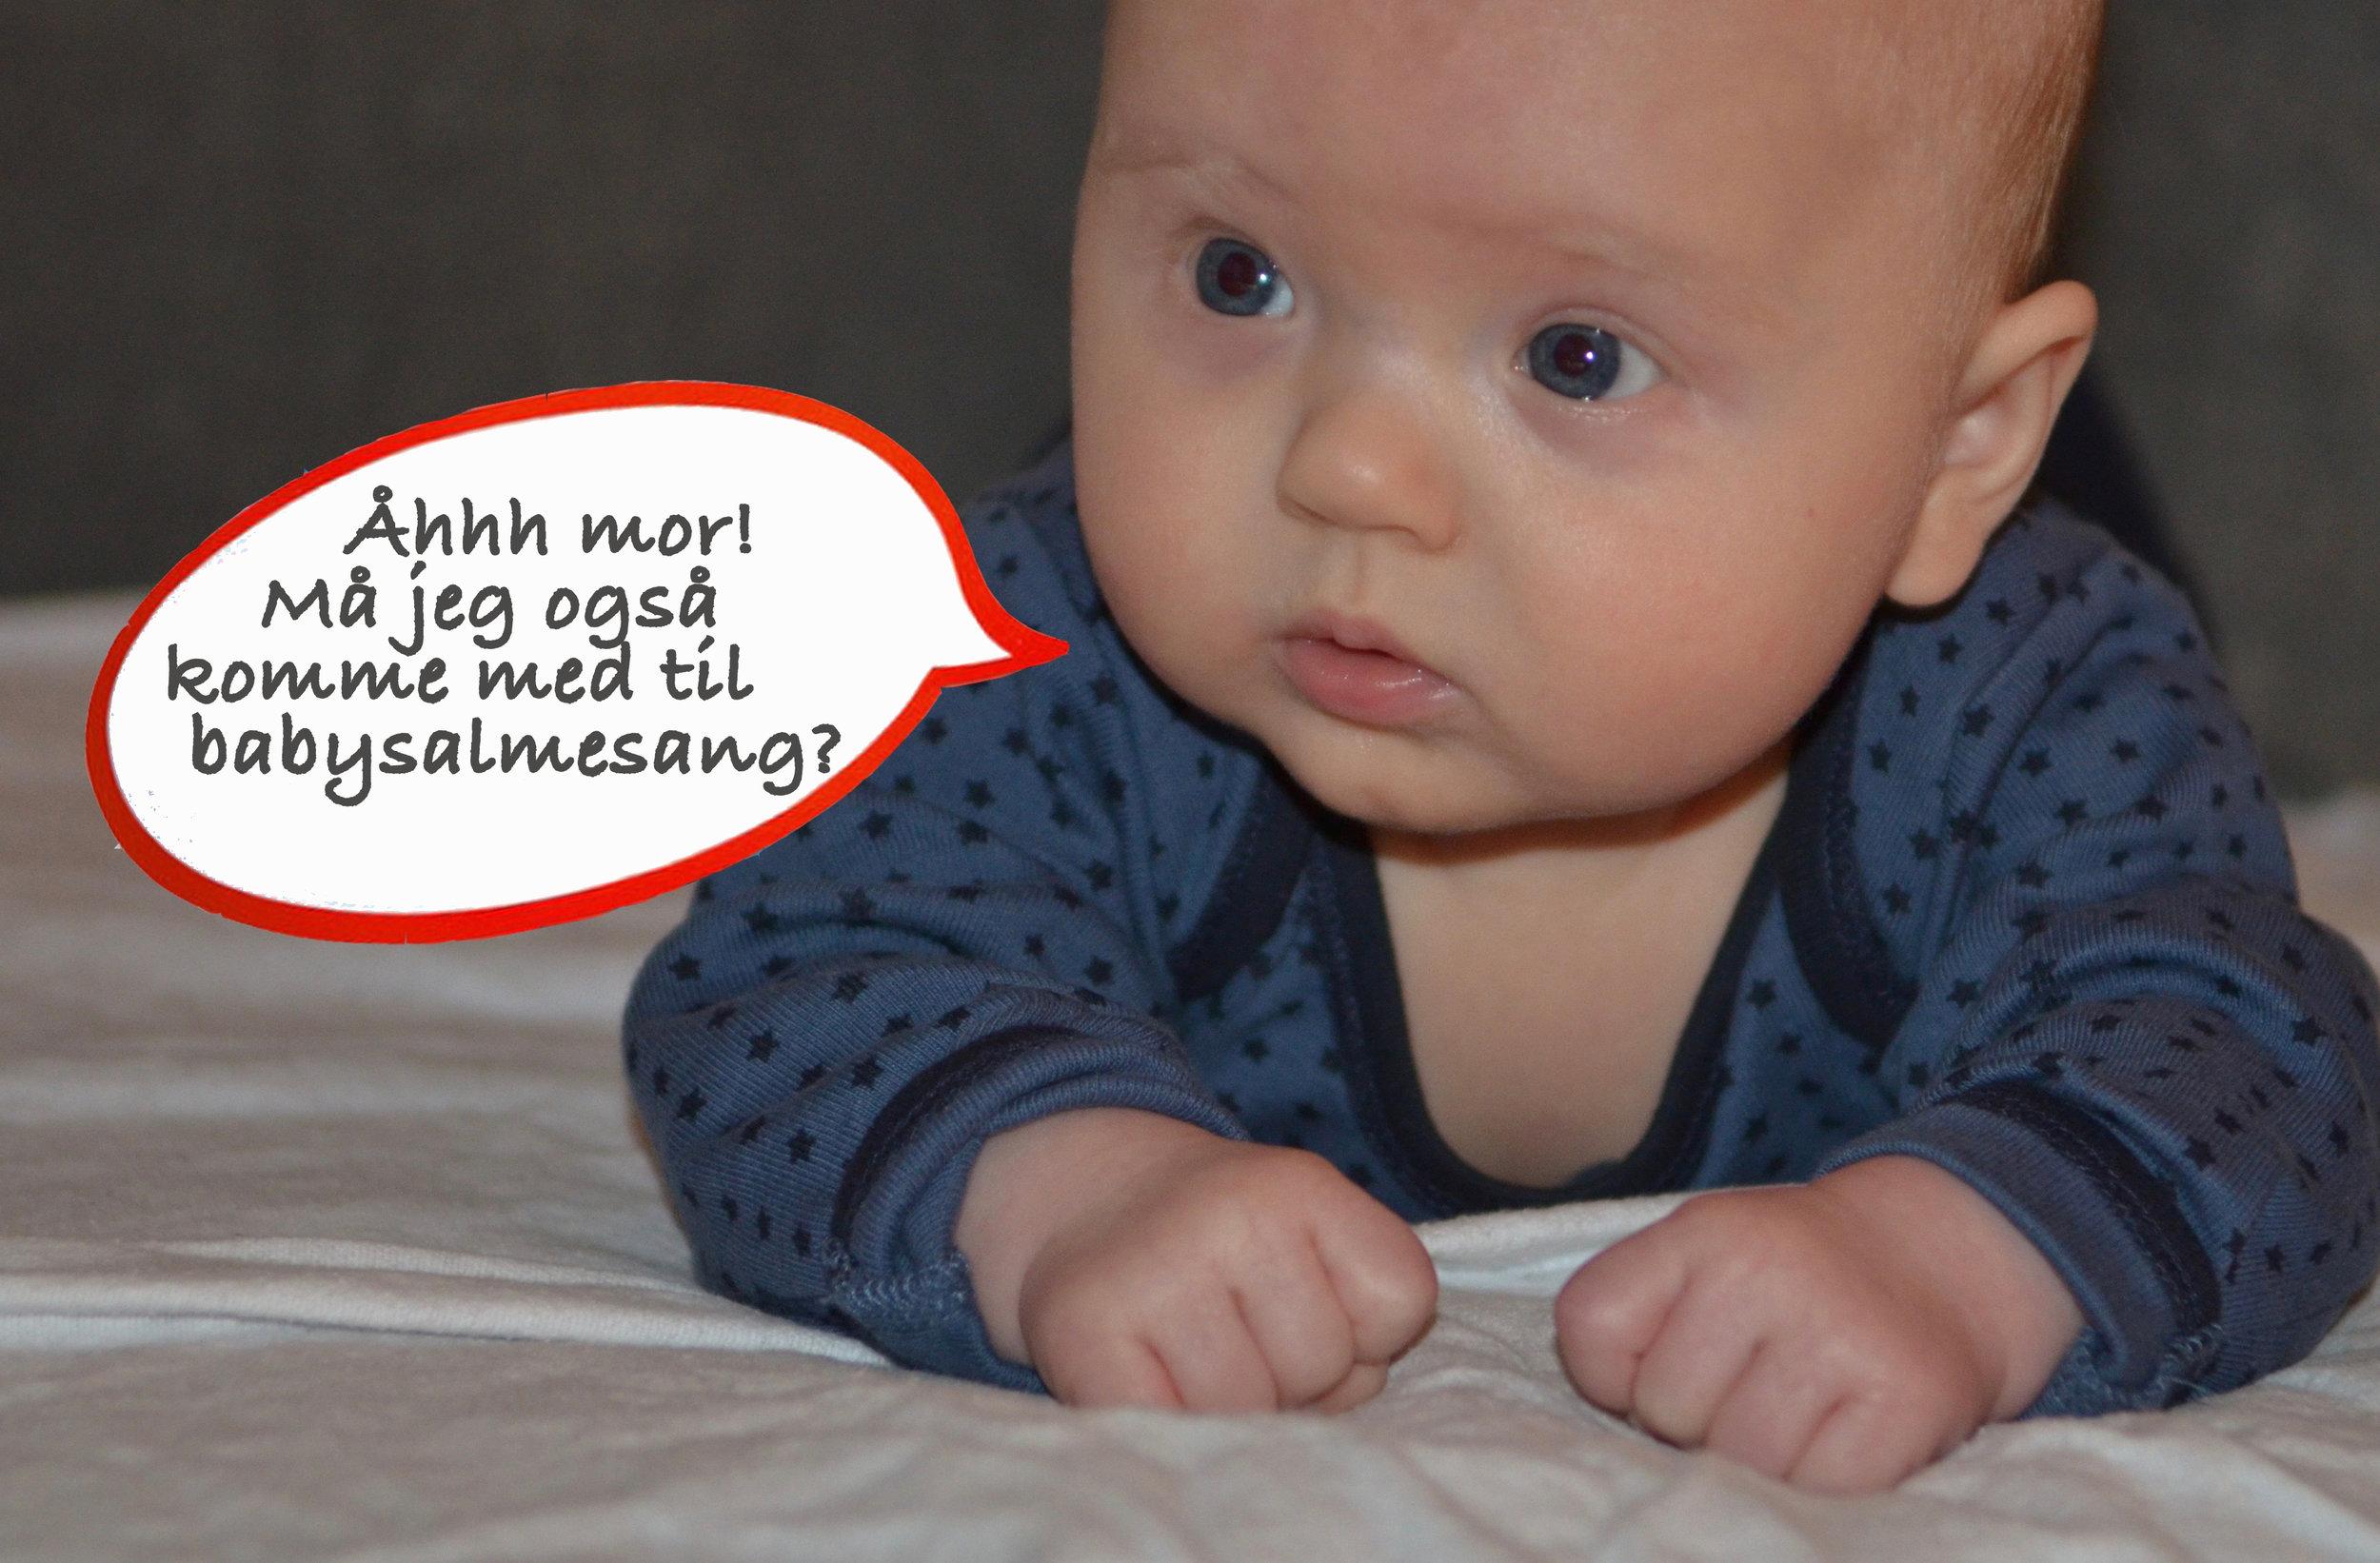 Tilmelding til babybørnesang er nødvendig første gang. Foto: AOB